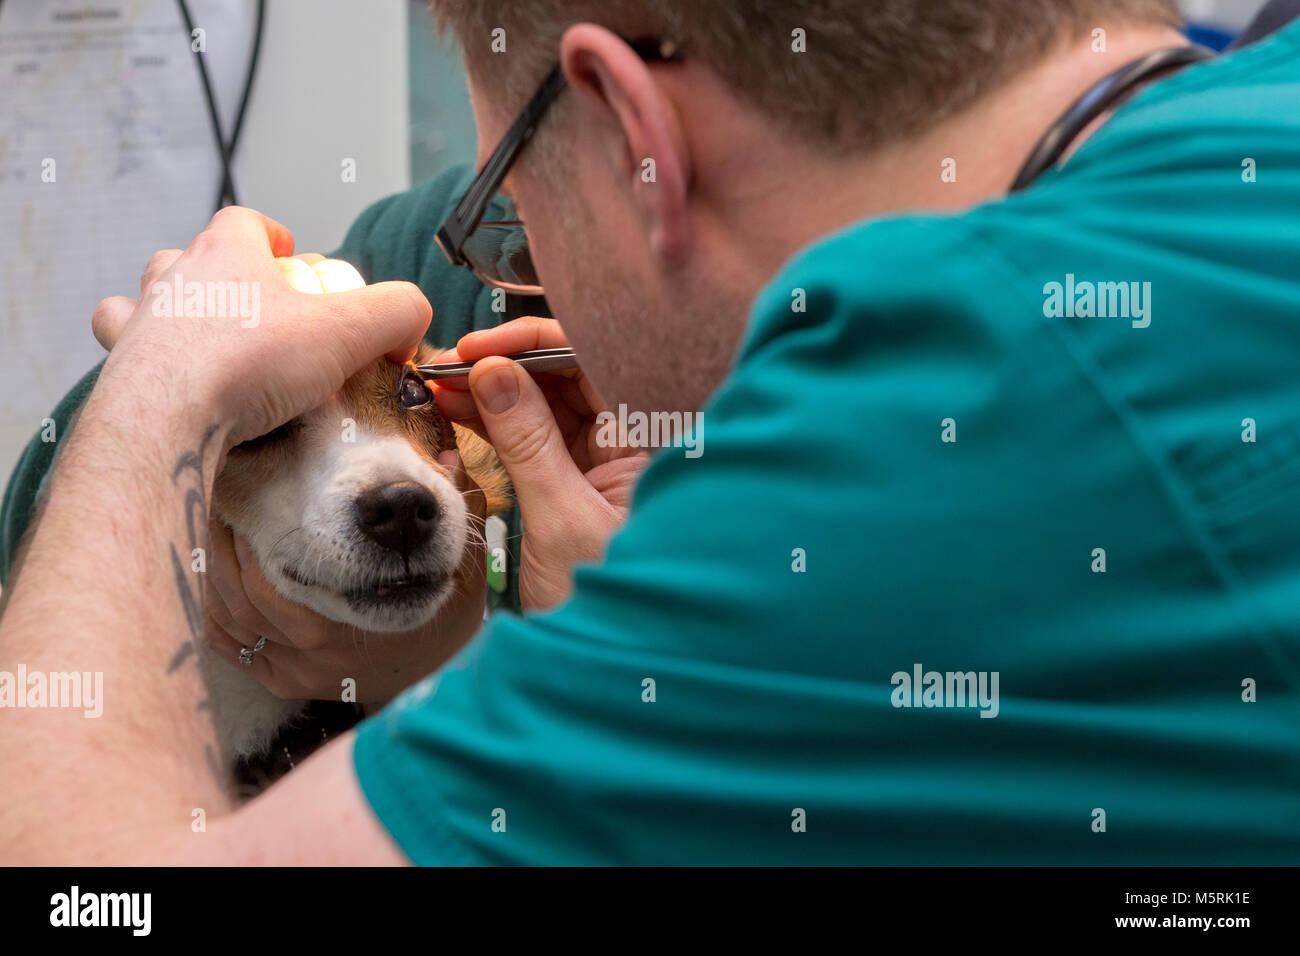 Questioni veterinarie infermiere rimuove un oggetto dall'occhio di un cane in un ambulatorio veterinario Immagini Stock